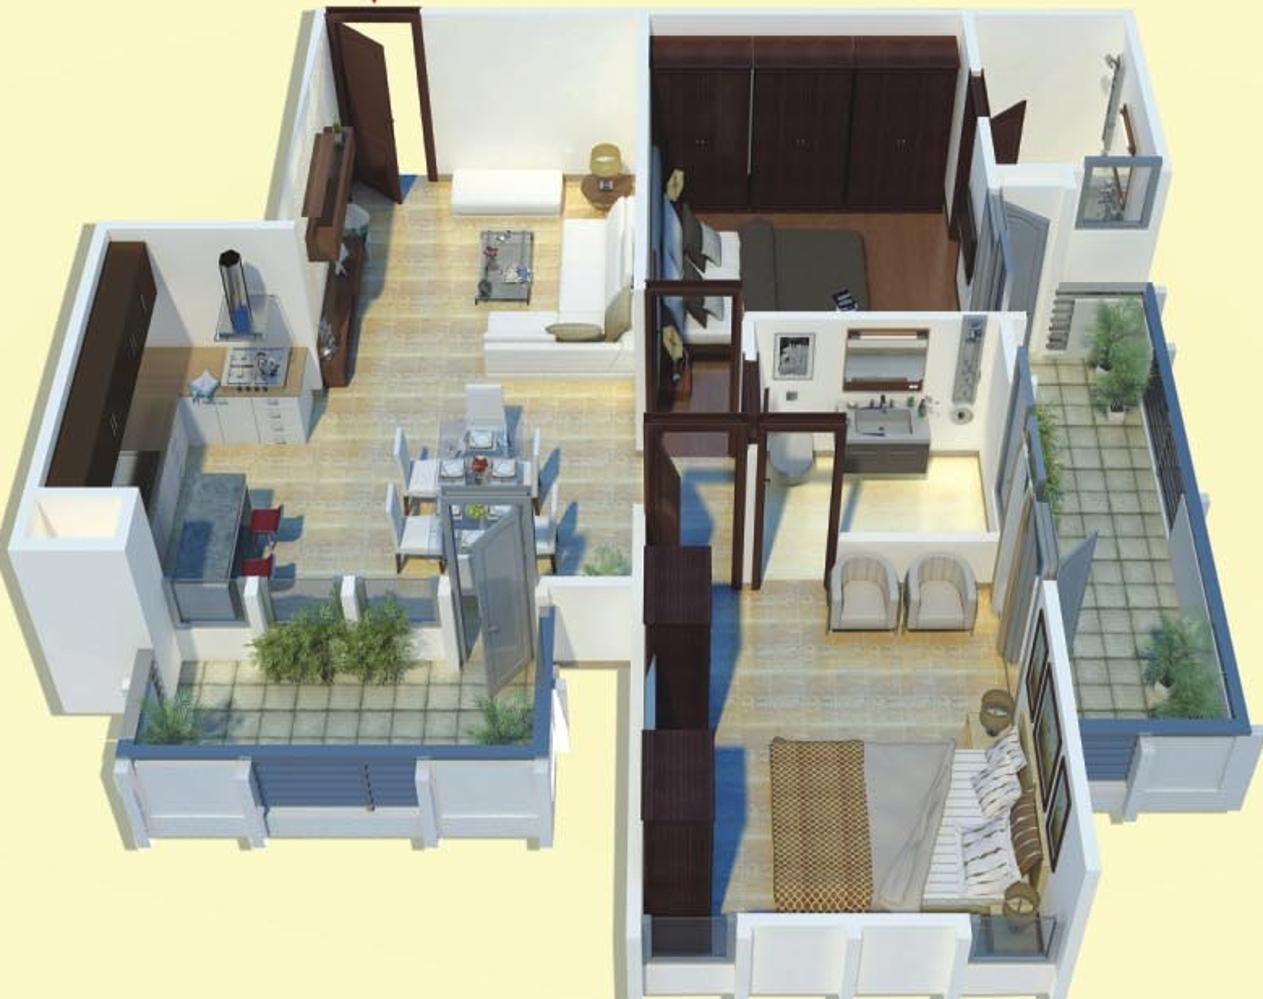 1375 sq ft 2 BHK 2T Apartment